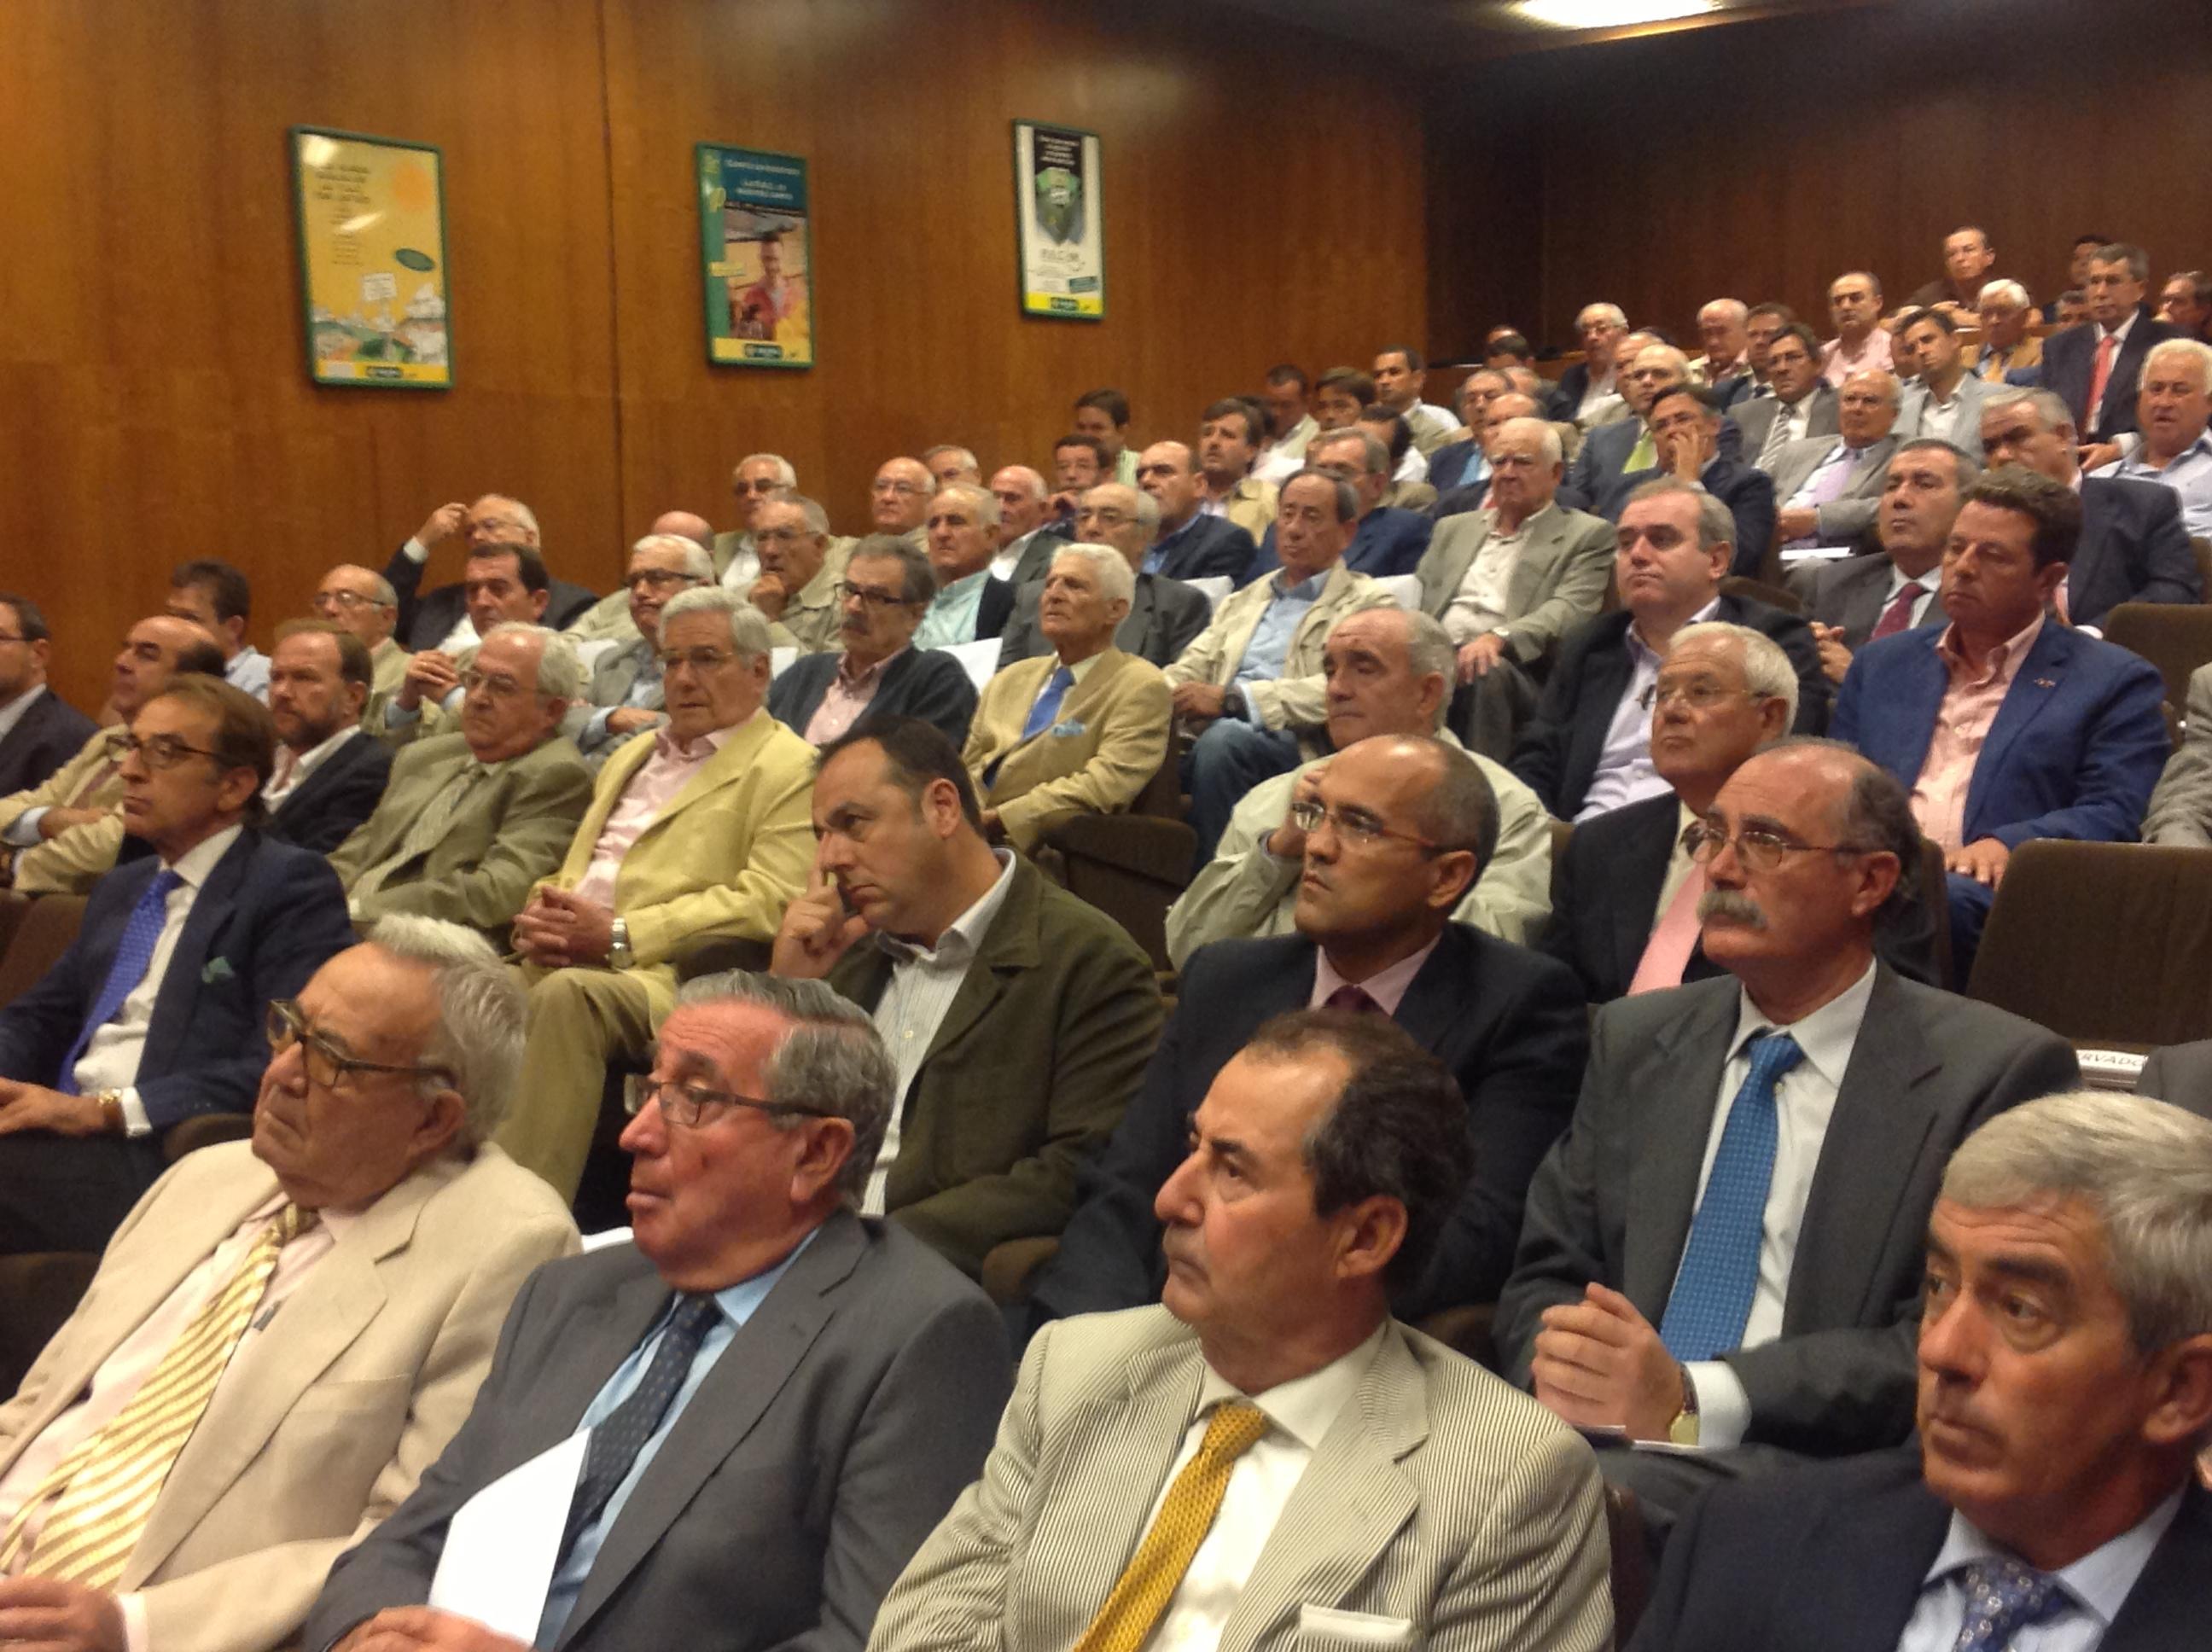 La Caja Rural del Sur y la Caja Rural de Córdoba se fusionan